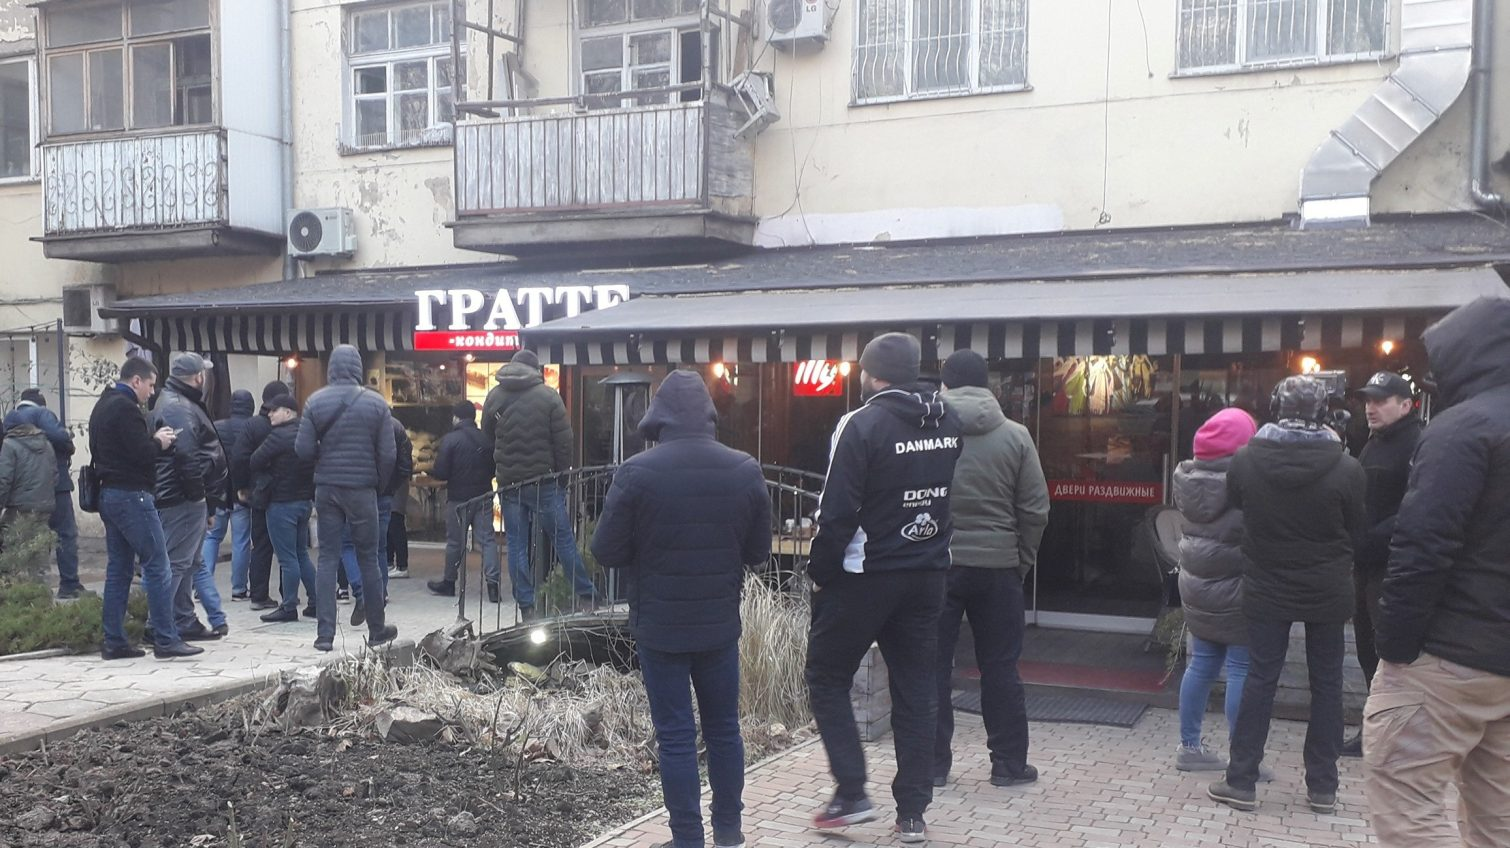 На проспекте Шевченко разгорелся скандал между предпринимателями и представителями мэрии по поводу пристройки (видео) «фото»